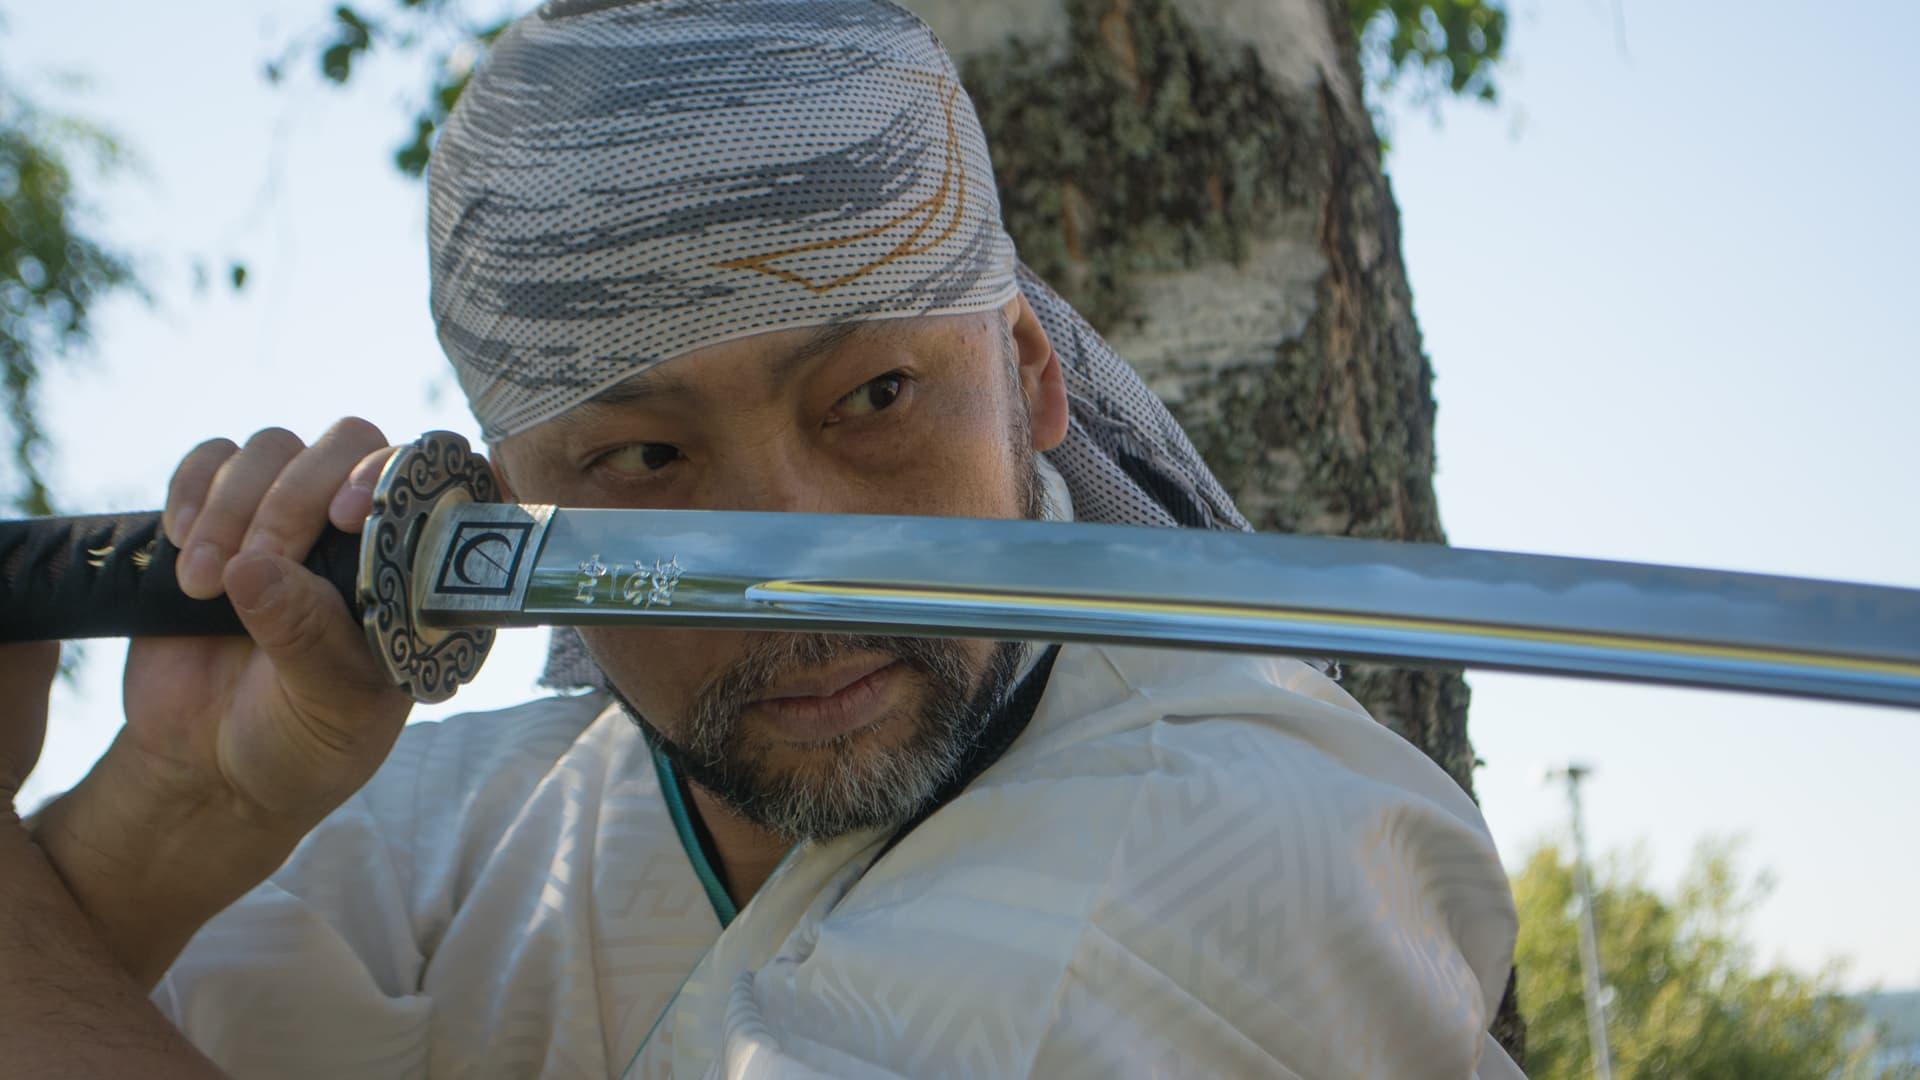 Tetsuro Shimaguchi